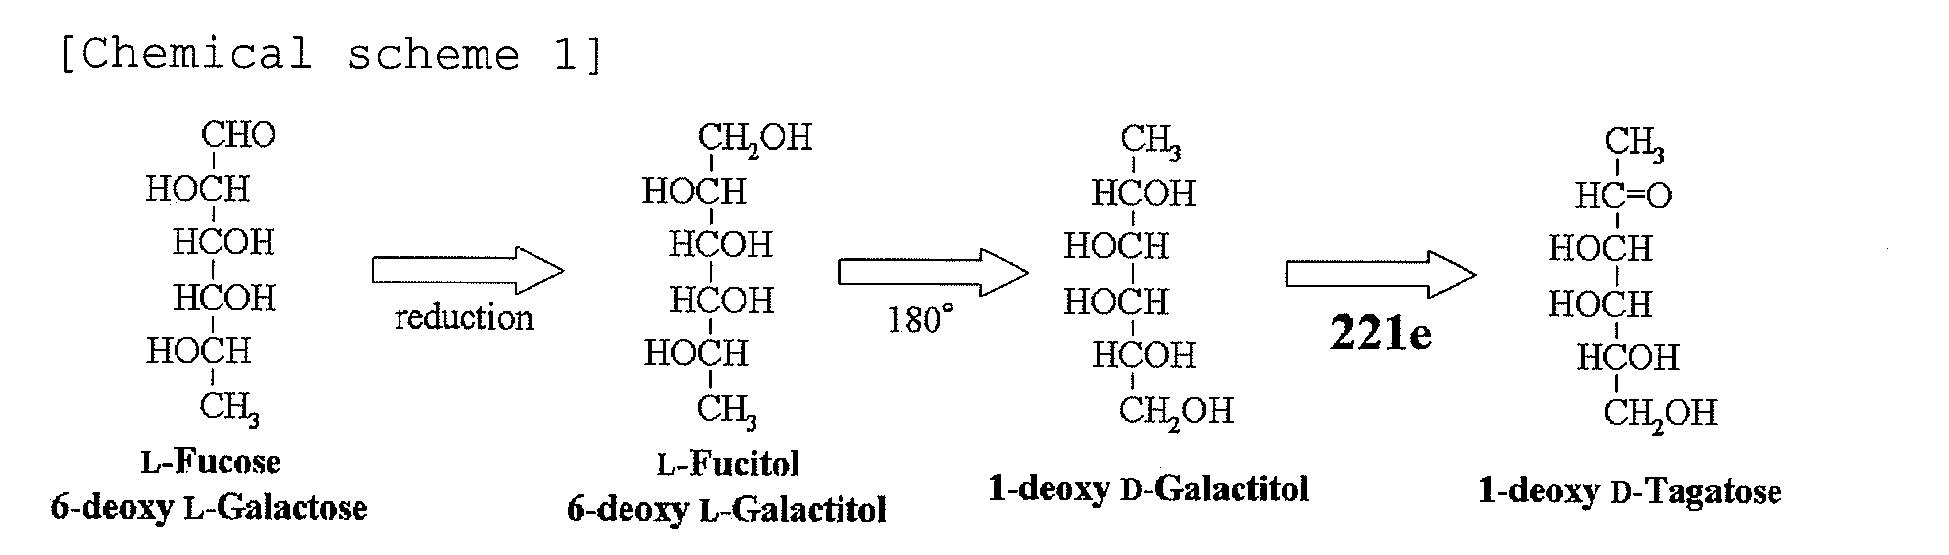 Dglucose 50997 Lglucose 921608 EGnummer 2000751 Dglucose 2000751 Beschrijving Veelvoorkomend monosacharide  galactose en ribose